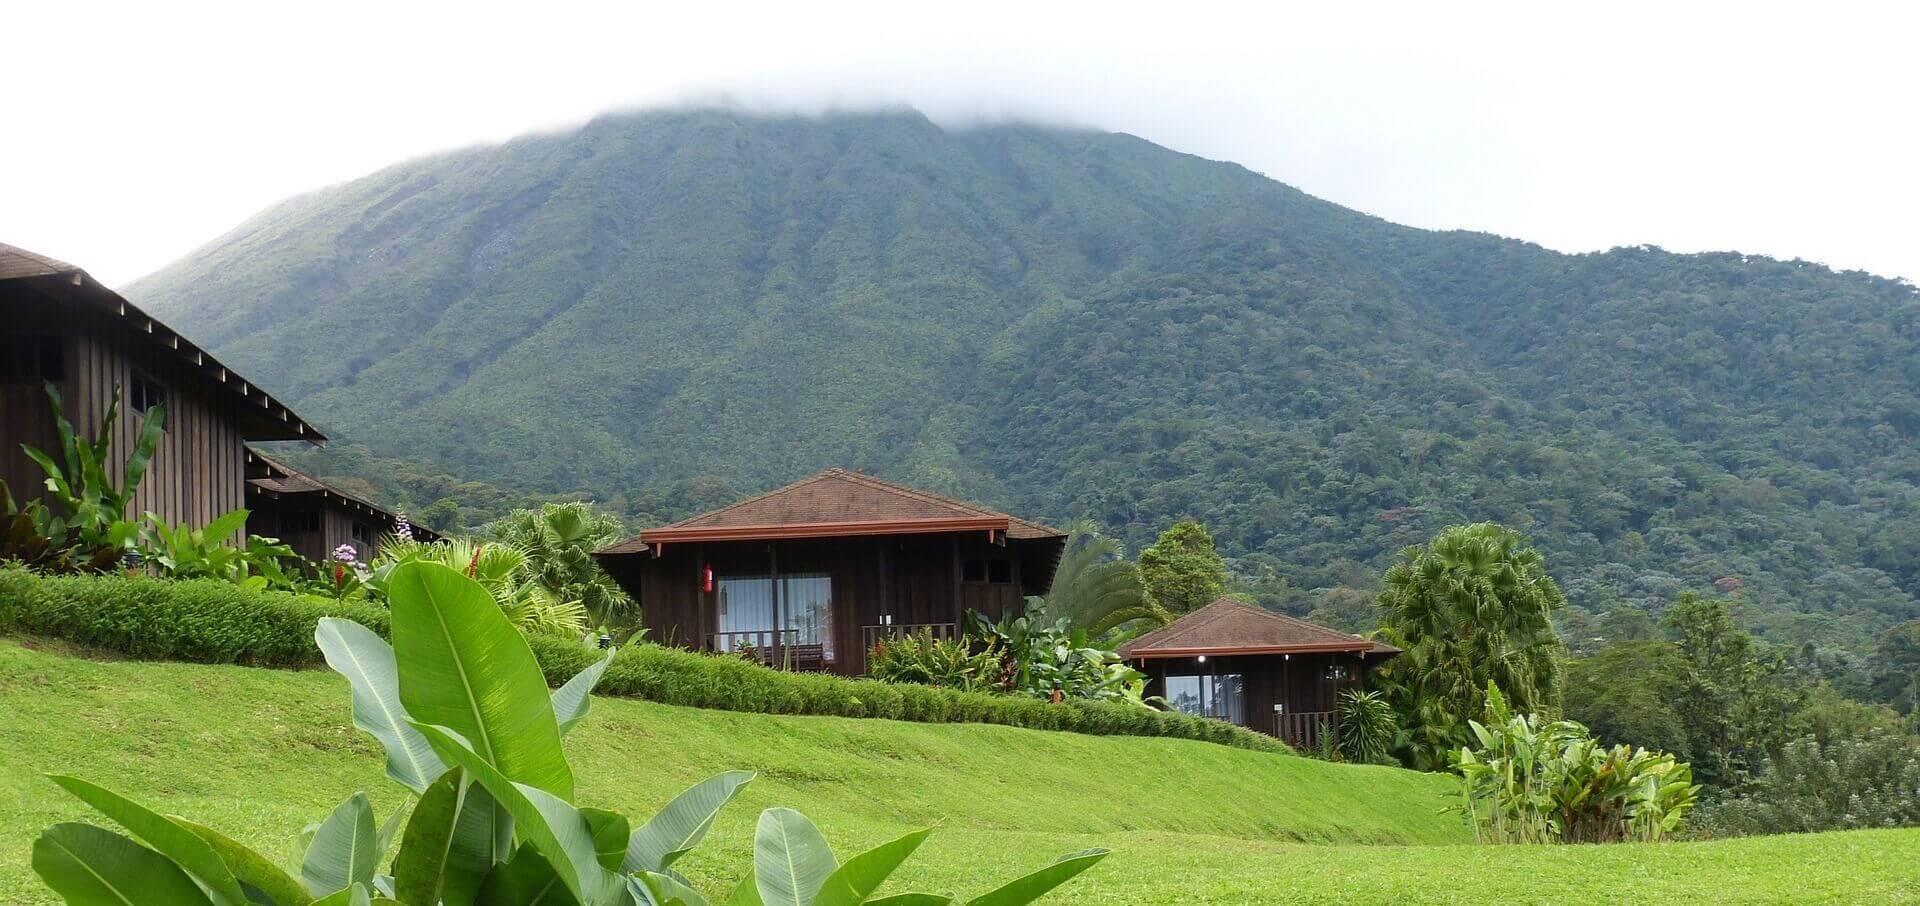 Costa Rica Continúa Impresionando – ¿Por qué Incorporar su Empresa en 2019?